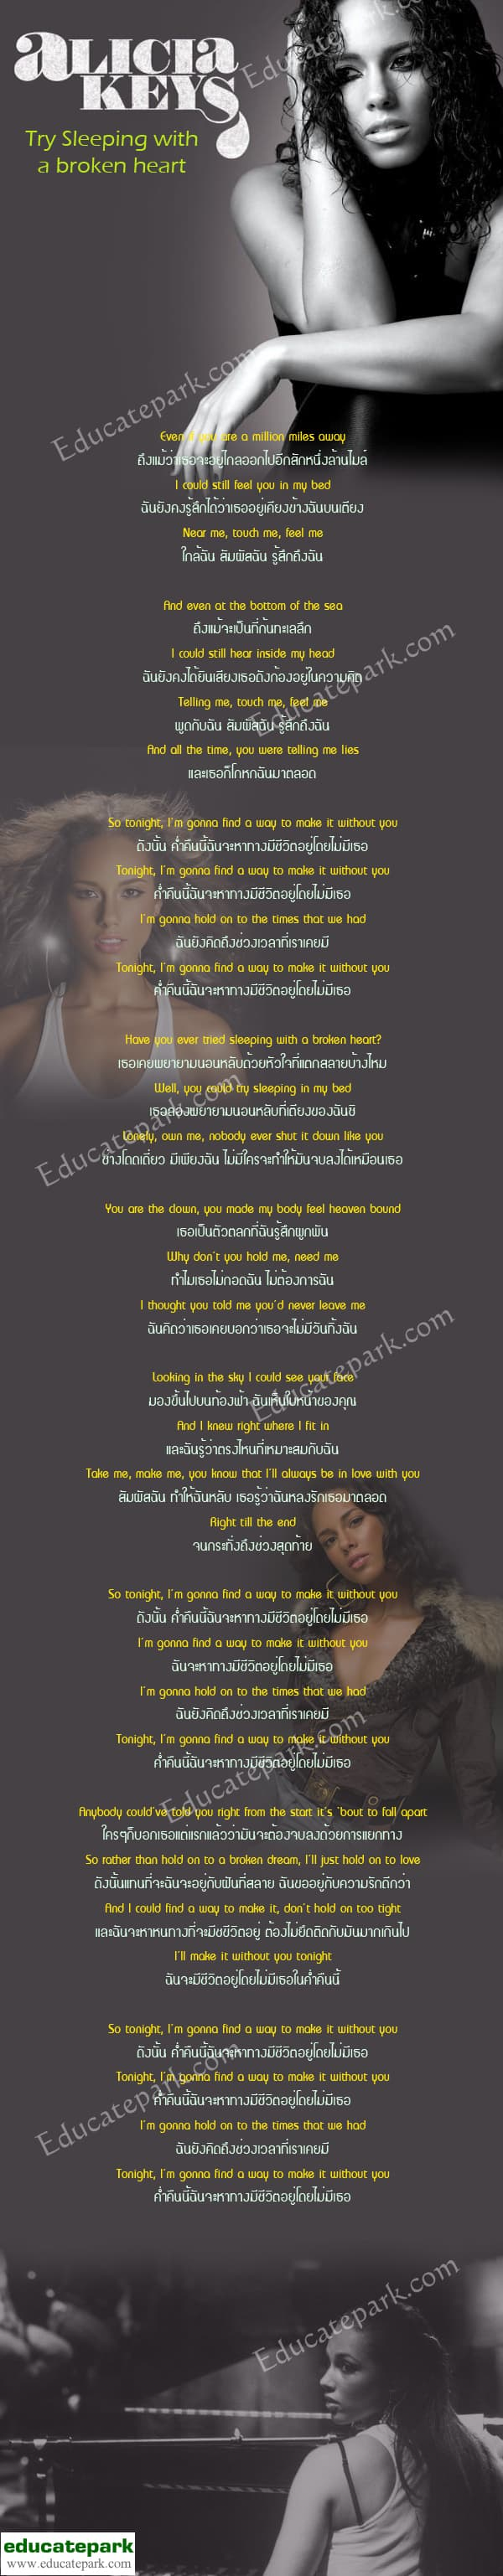 แปลเพลง Try Sleeping With a Broken Heart - Alicia Keys